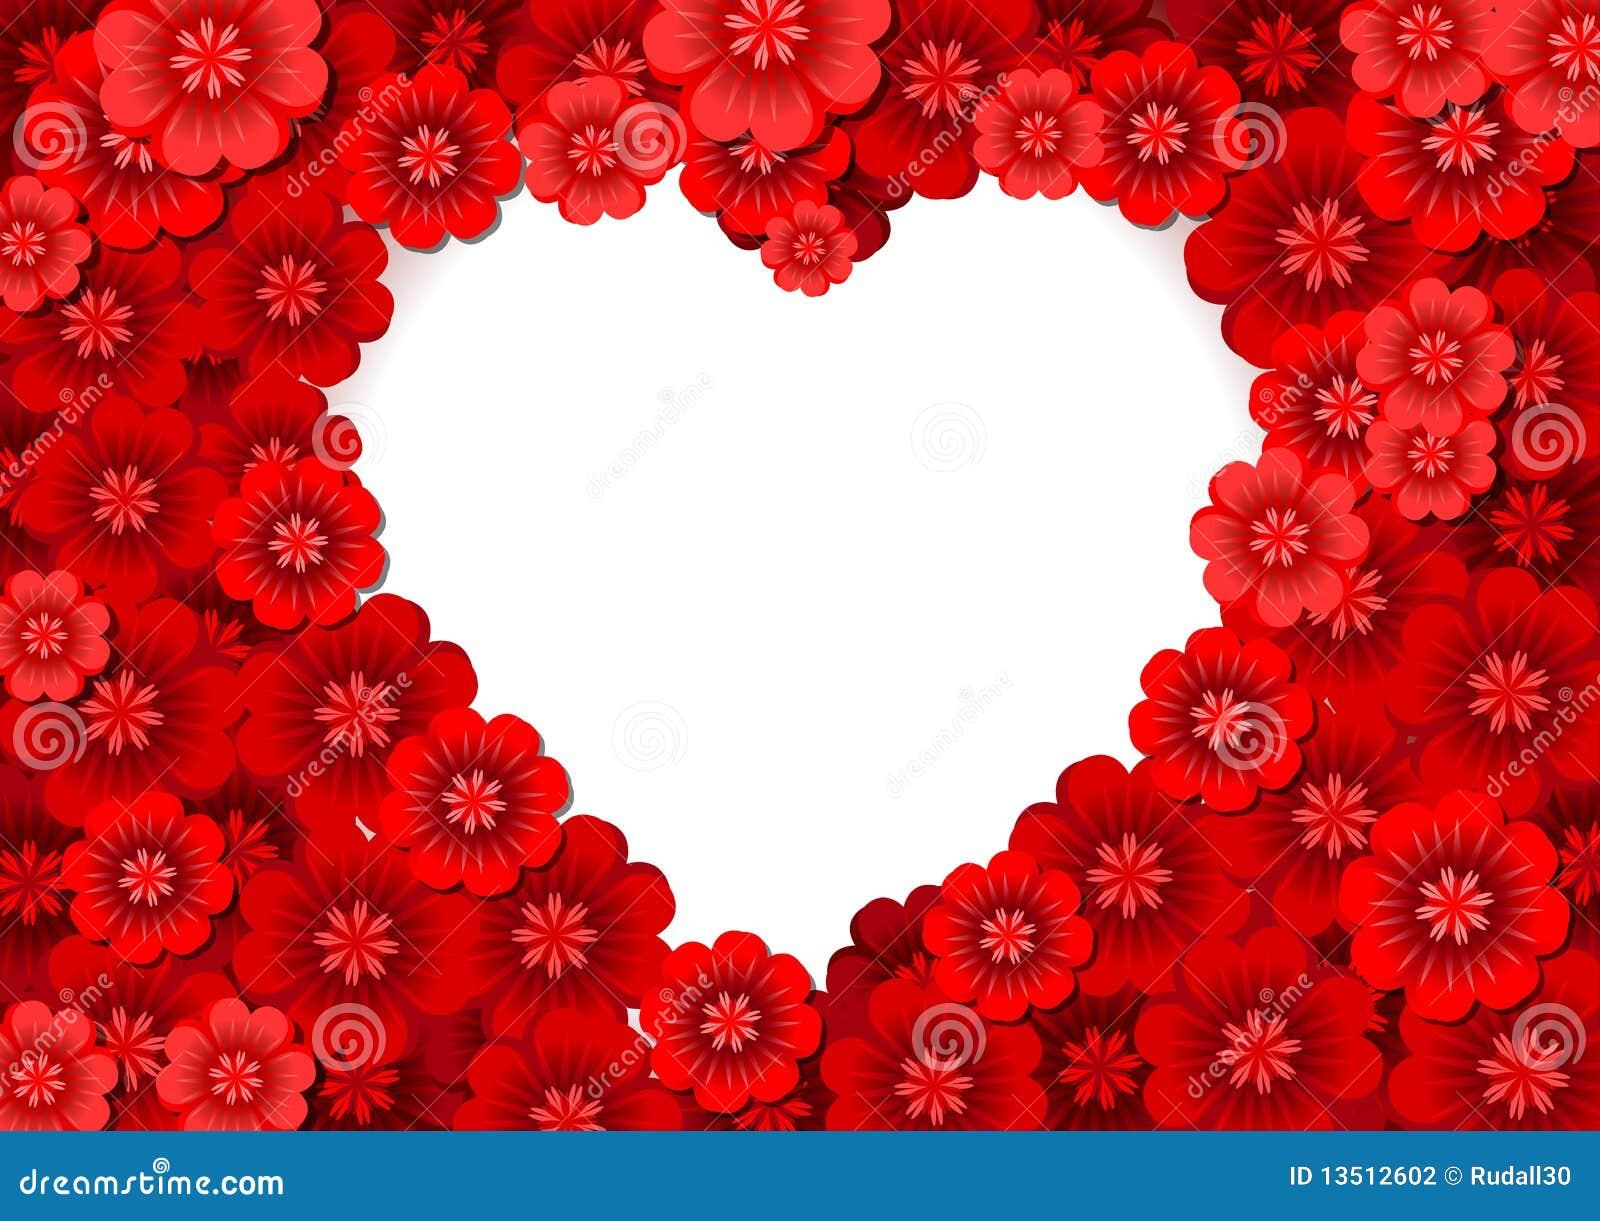 Fleurs en forme de coeur photographie stock image 13512602 - Fleurs en forme de coeur ...